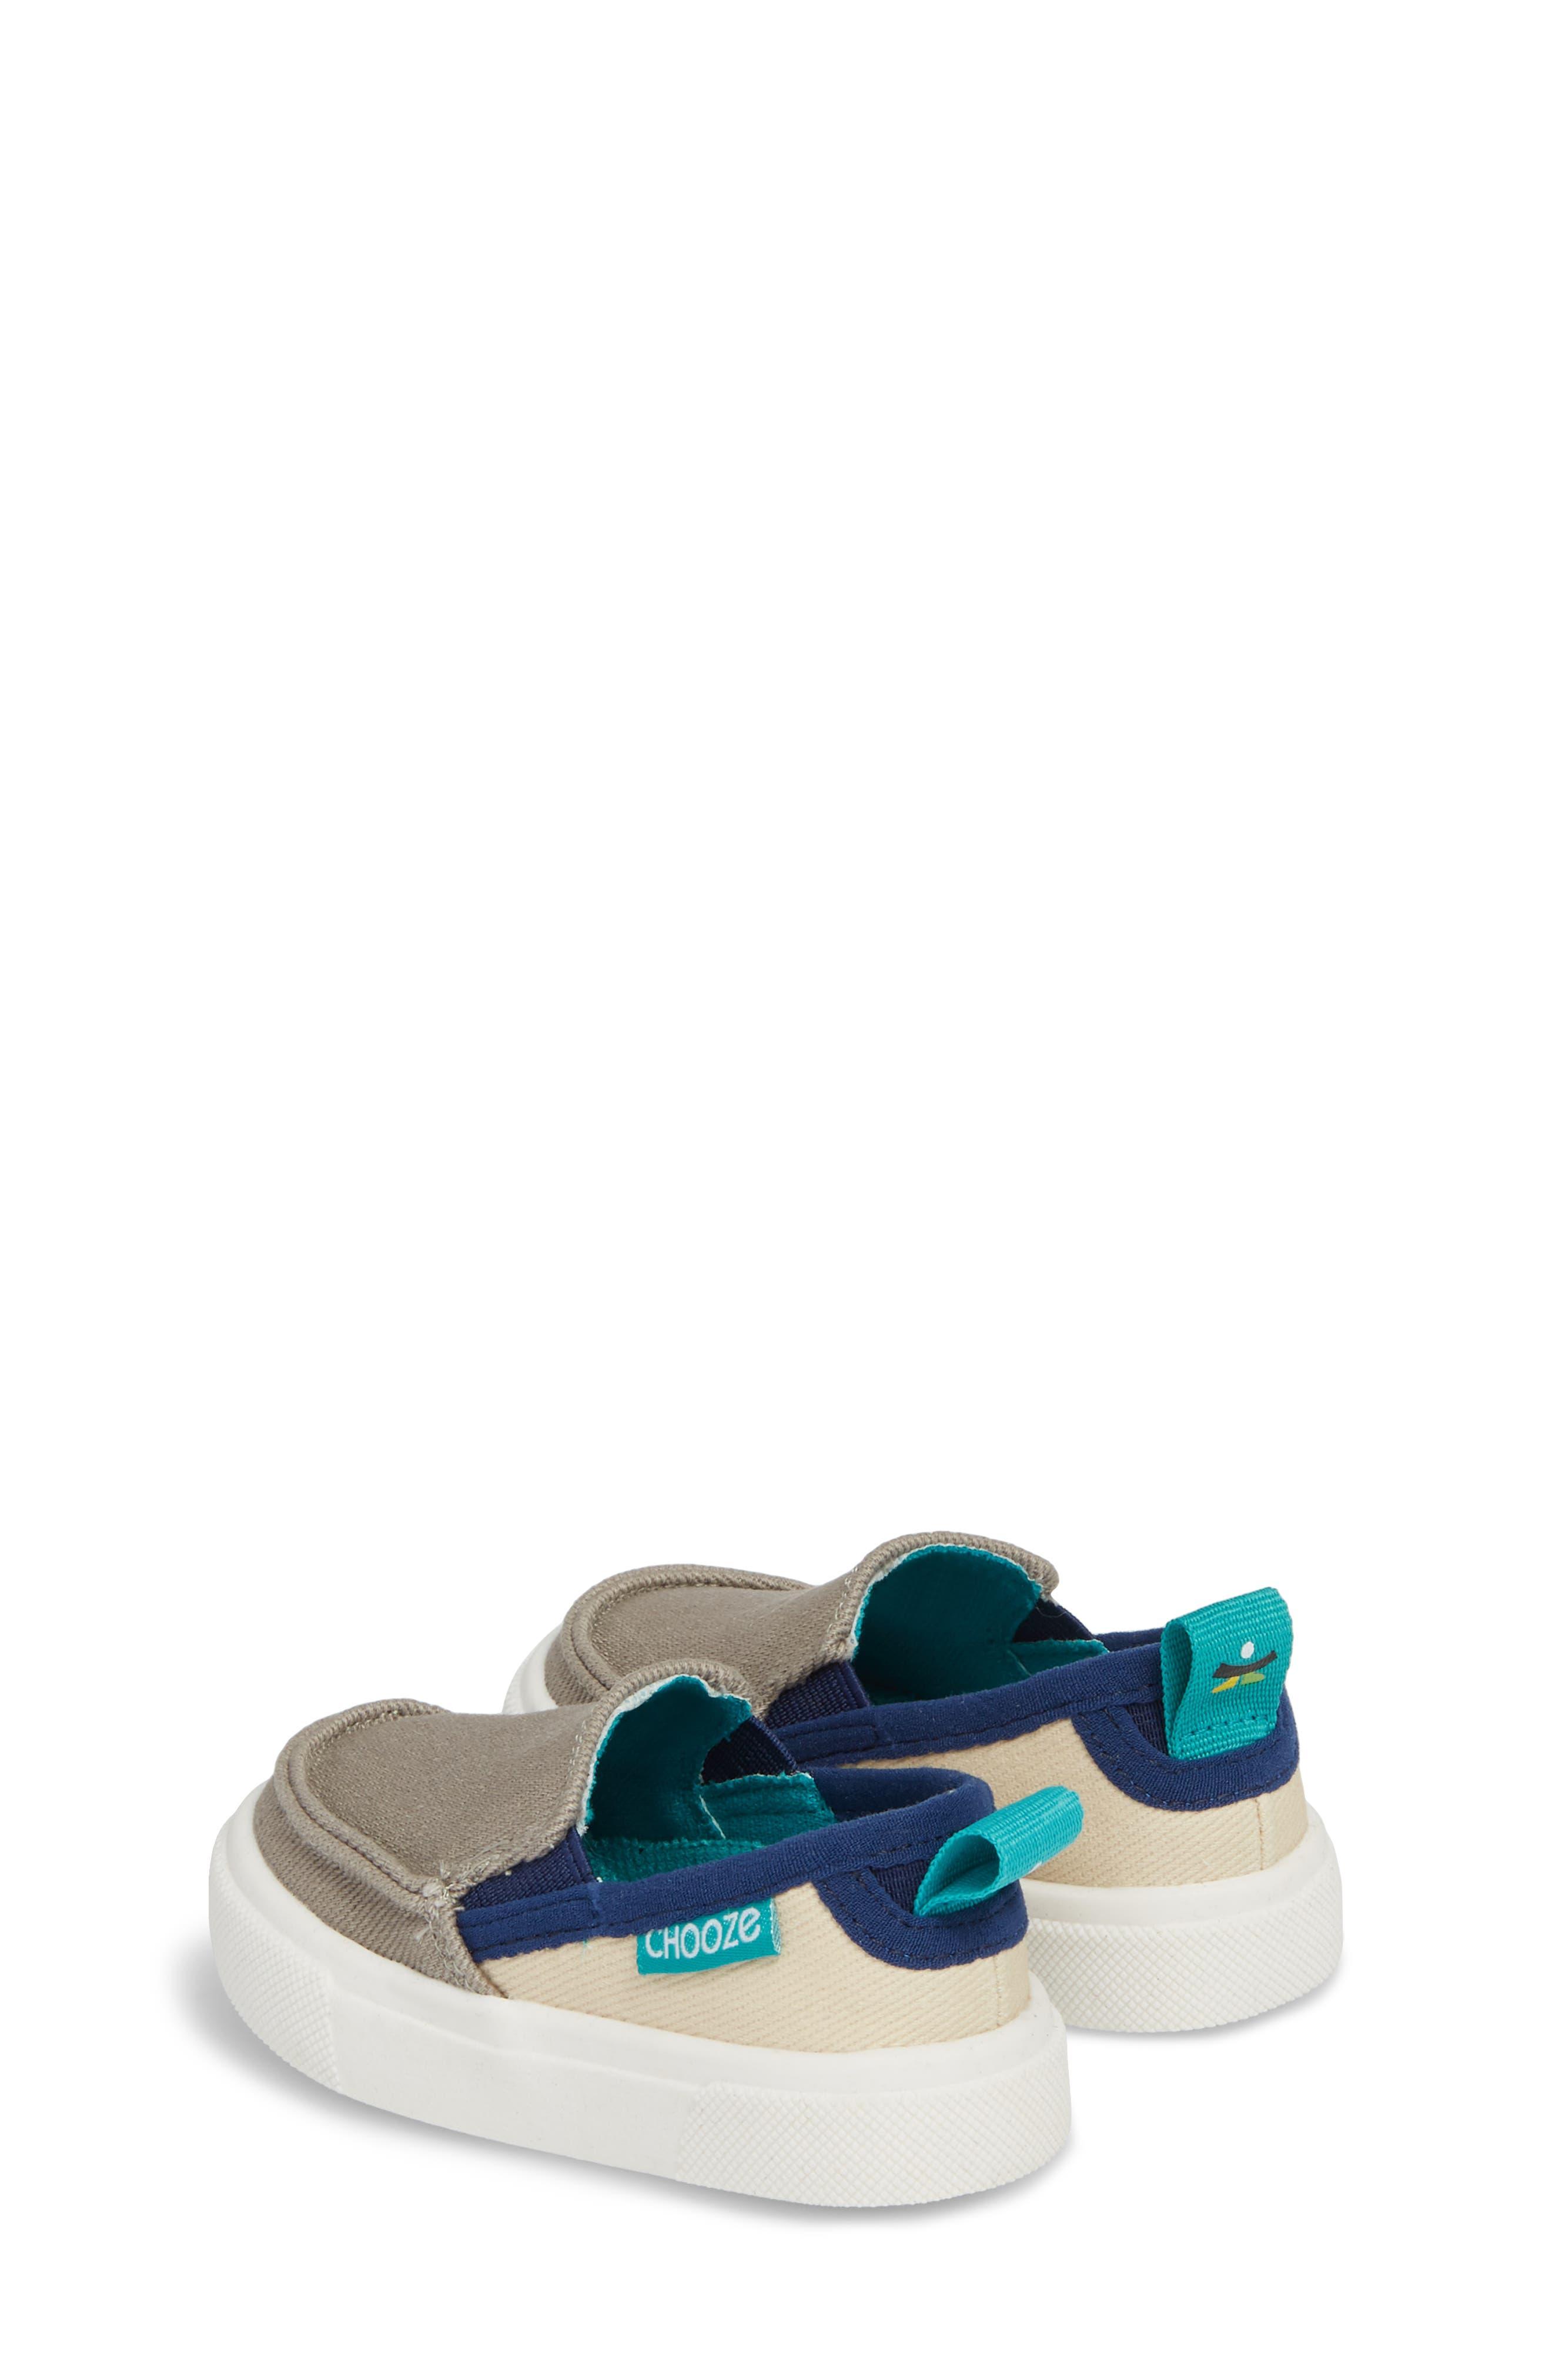 Roam Slip-On Sneaker,                             Alternate thumbnail 2, color,                             Earth